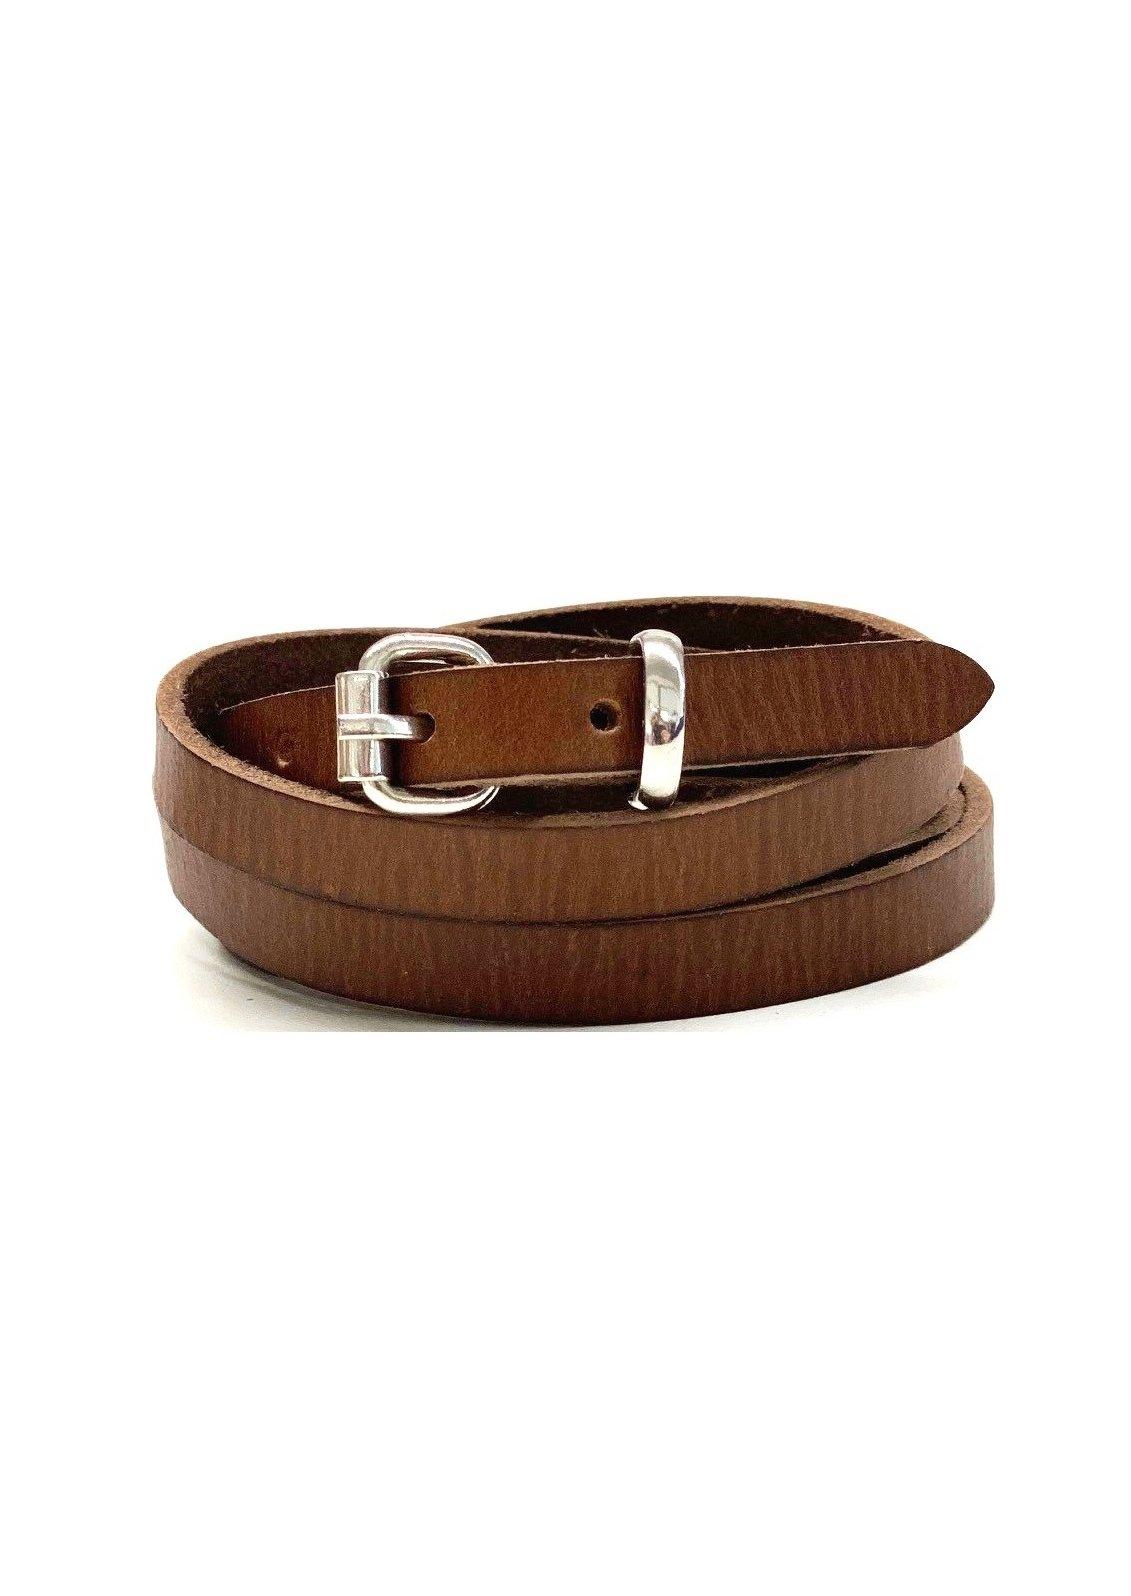 J.Jayz leren armband In wikkel-look, casual (1-delig) bij OTTO online kopen